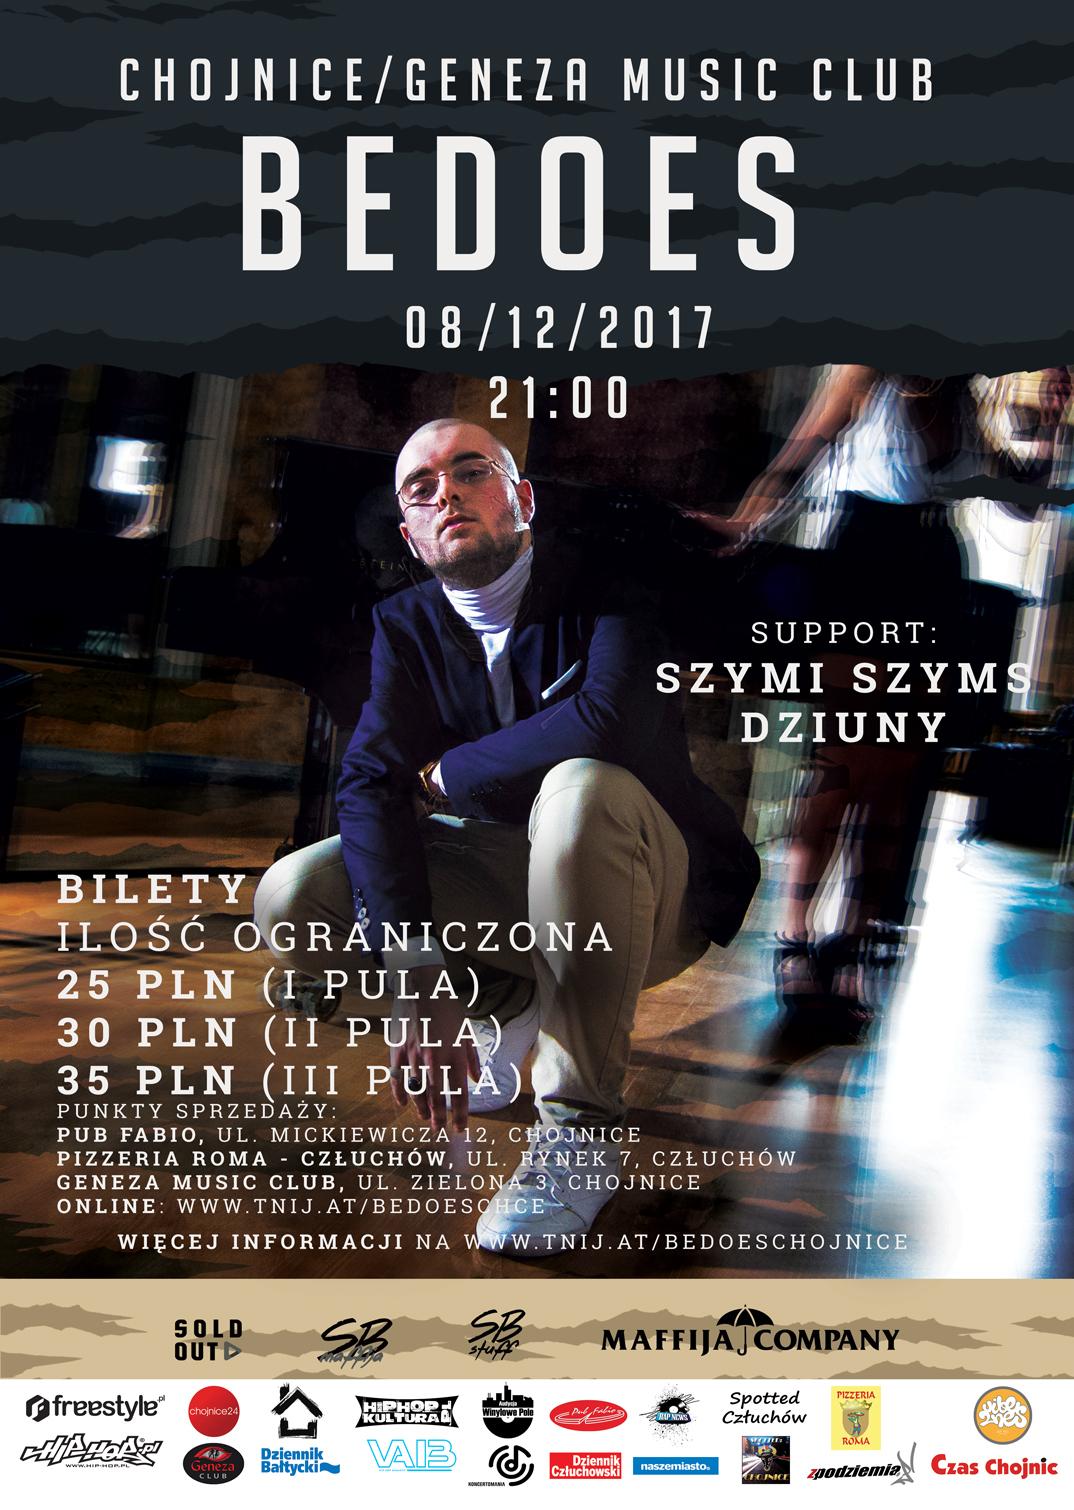 Grudniowy koncert Bedoesa w Chojnicach